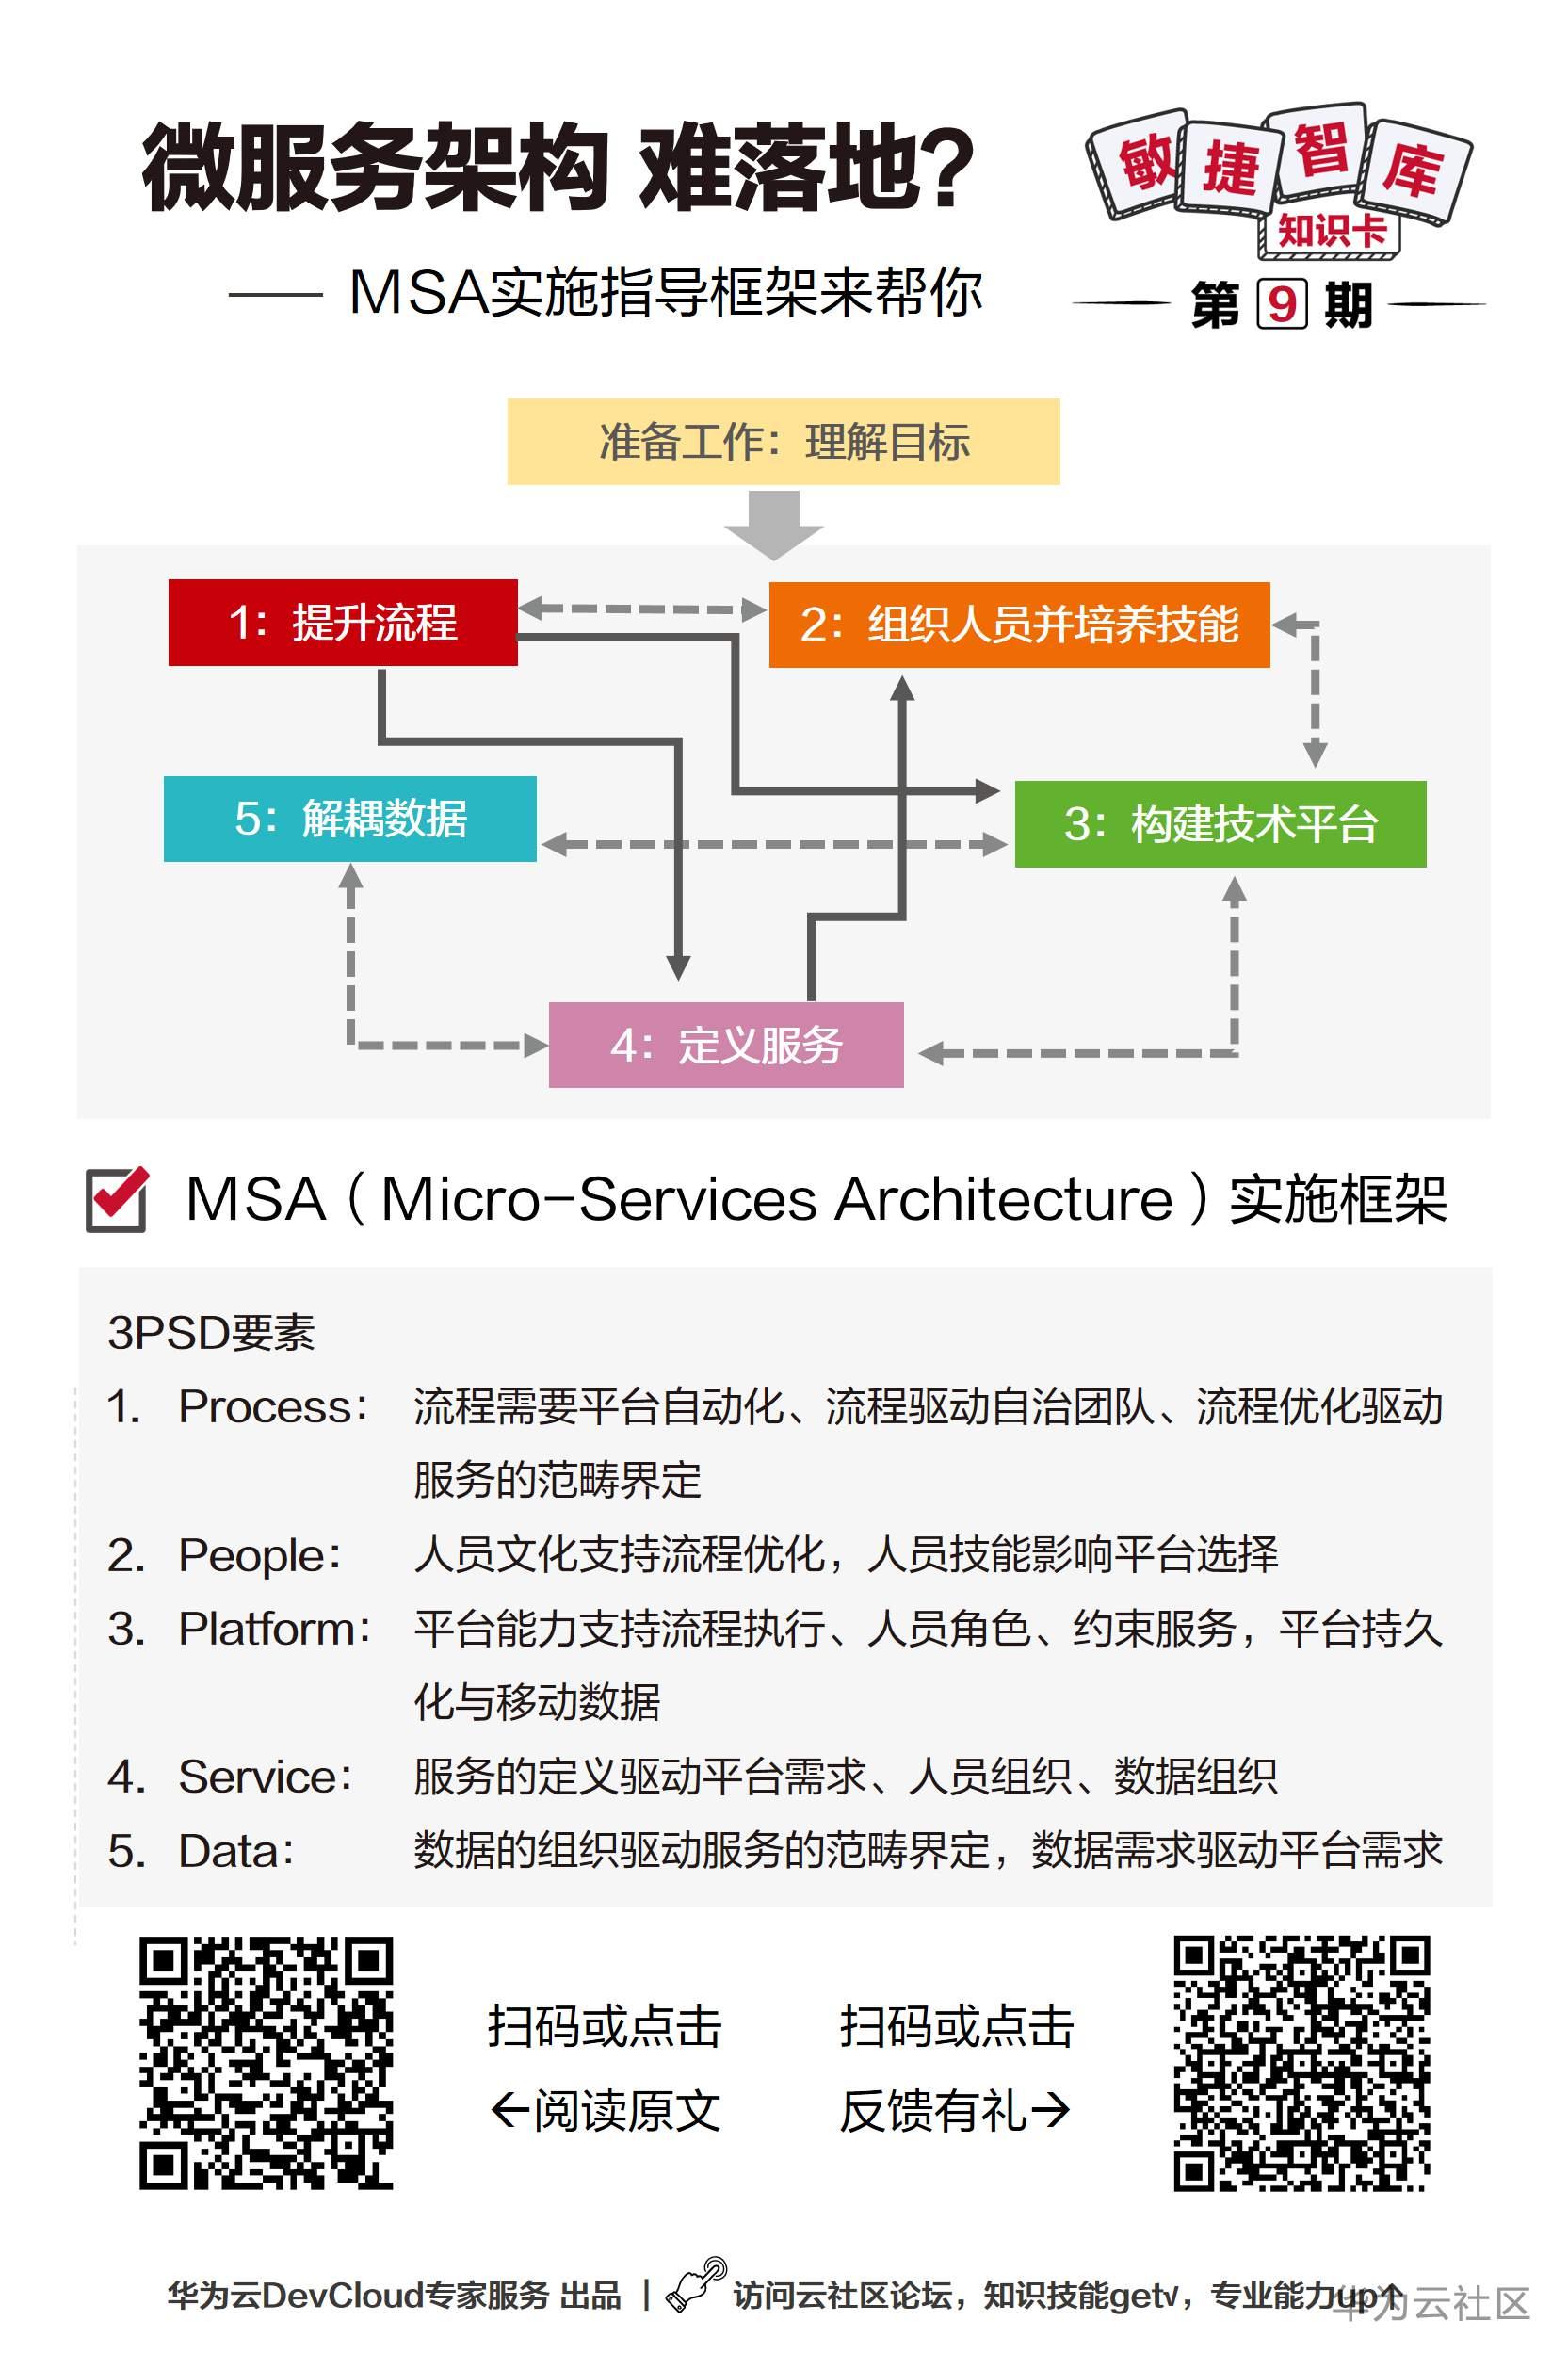 【敏捷智库知识卡】第9期_微服务架构难落地?MSA框架来帮你.PNG